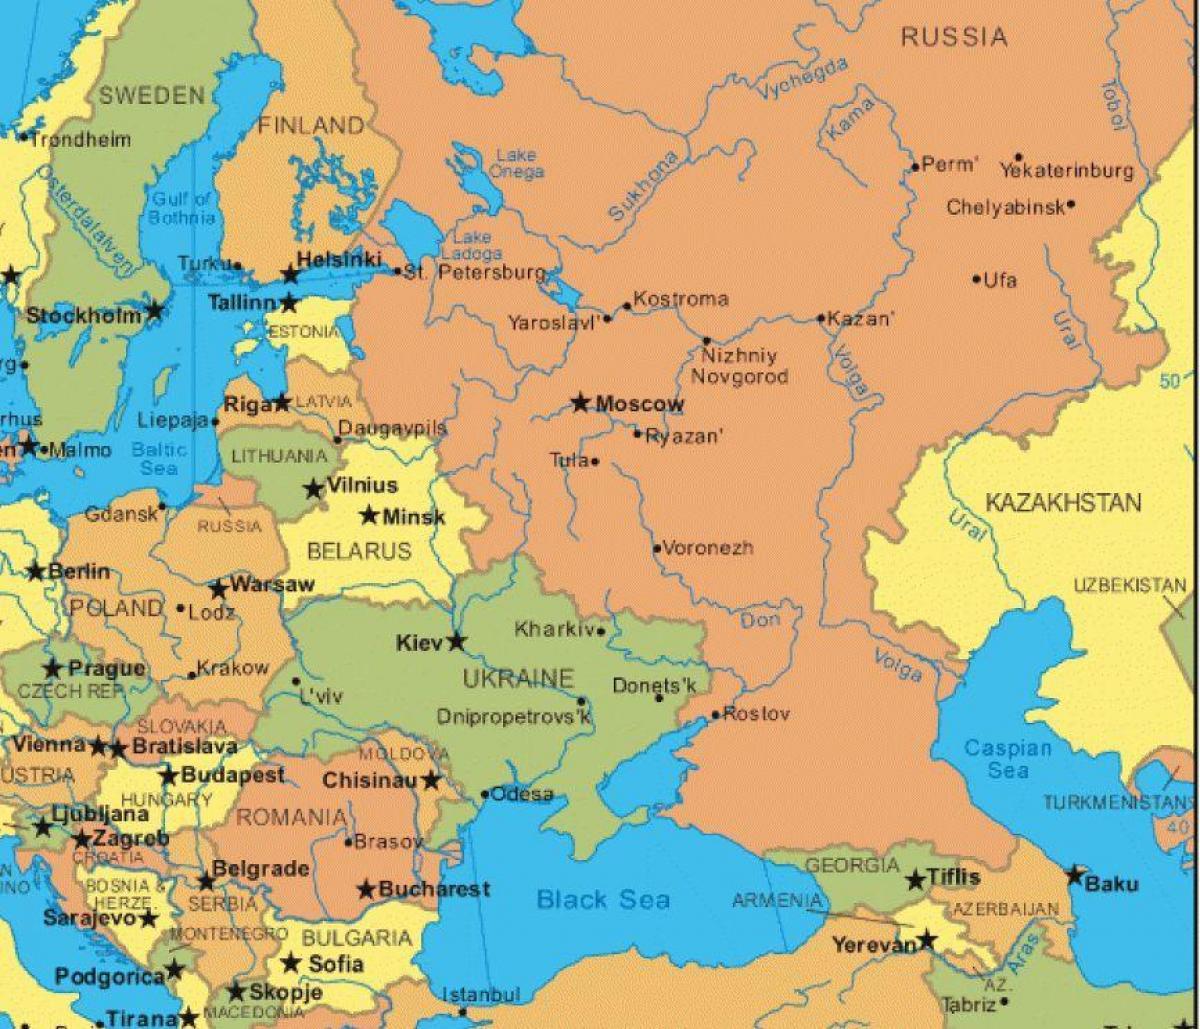 Cartina Europa E Russia.Mappa Dell Europa Dell Est E Russia Russia E In Europa Orientale Mappa Europa Dell Est Europa